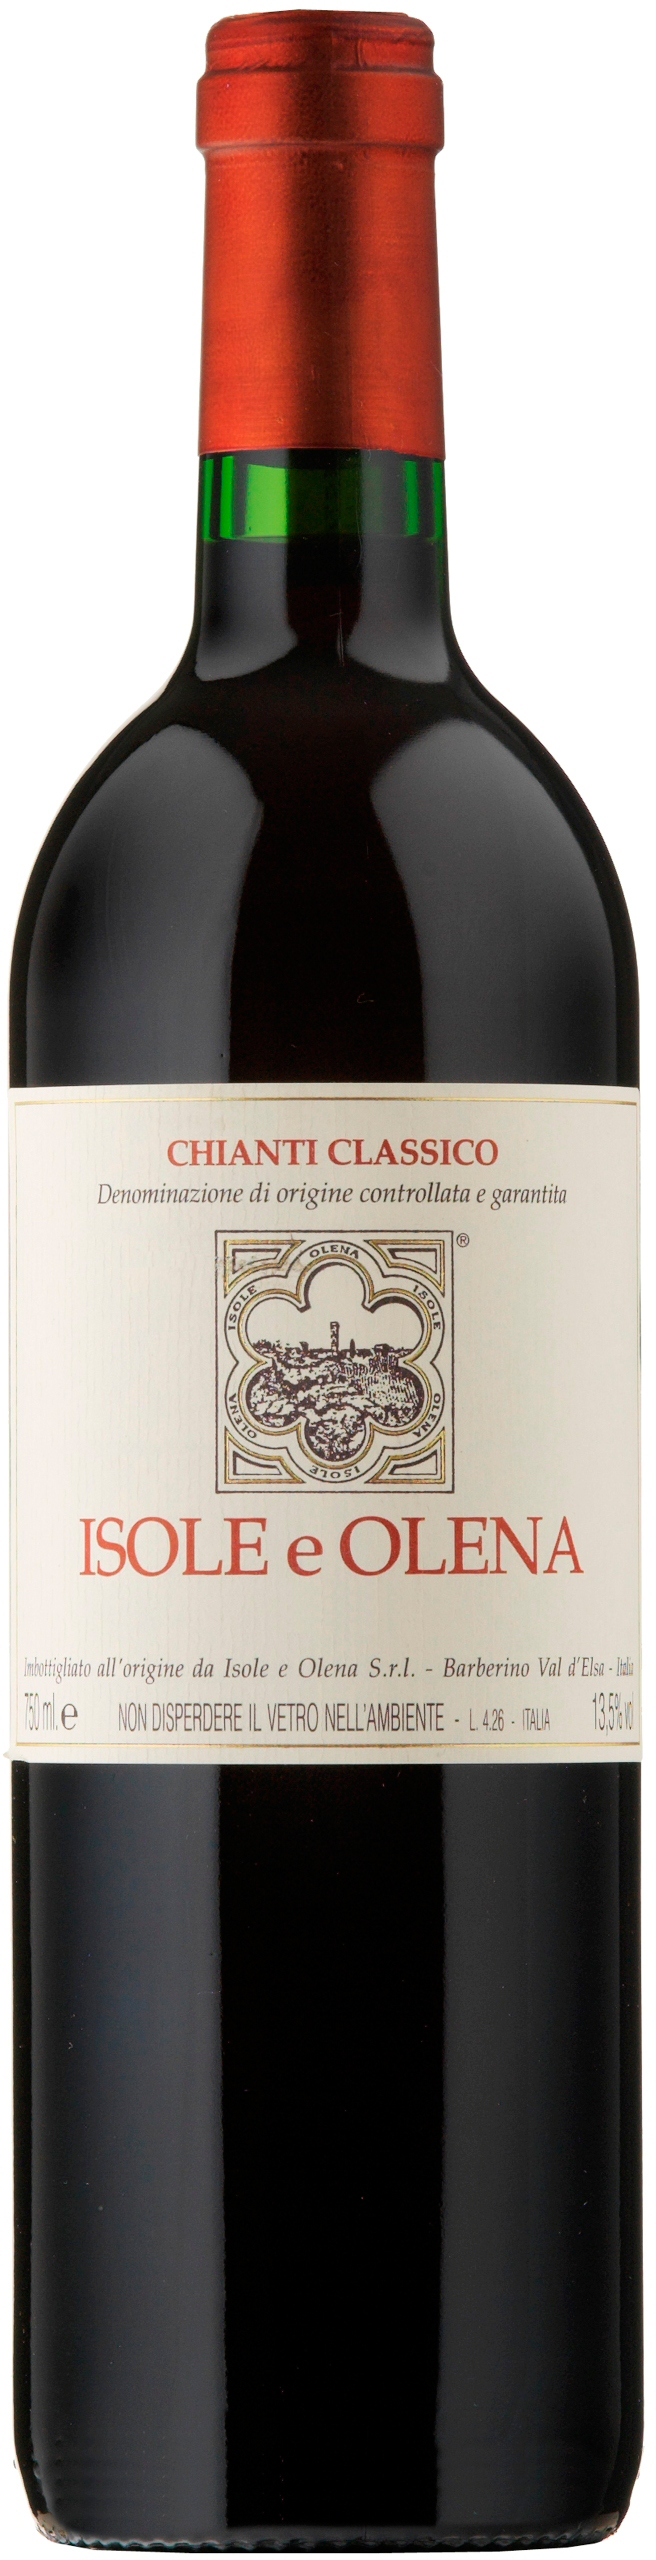 Isole e Olena, Chianti Classico 2015